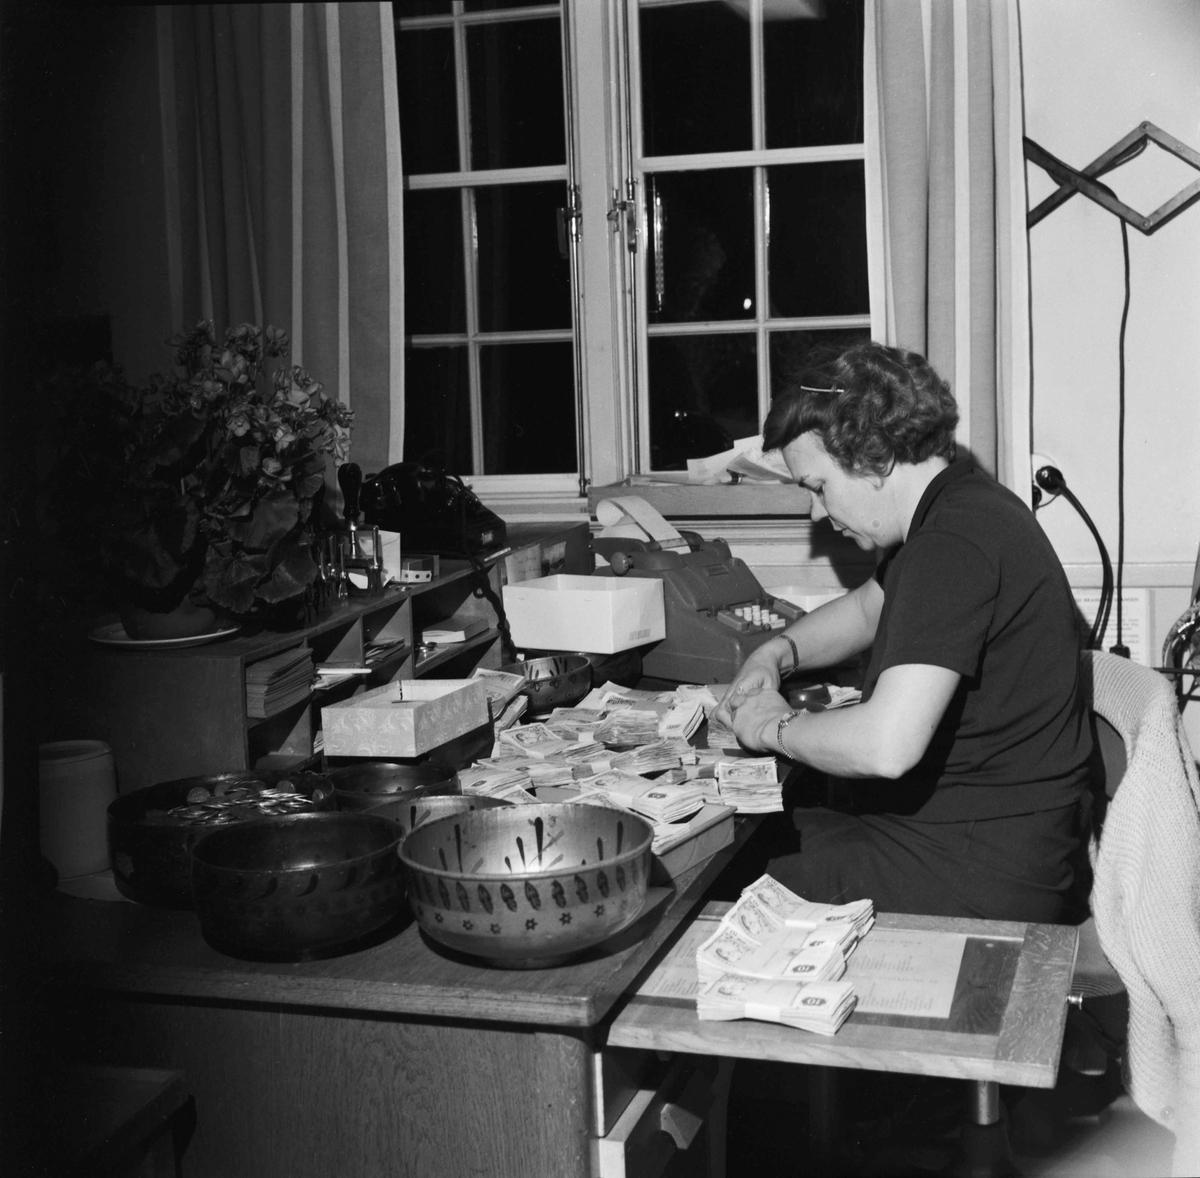 Skansens julmarknad 1966. Kvinna räknar pengar.